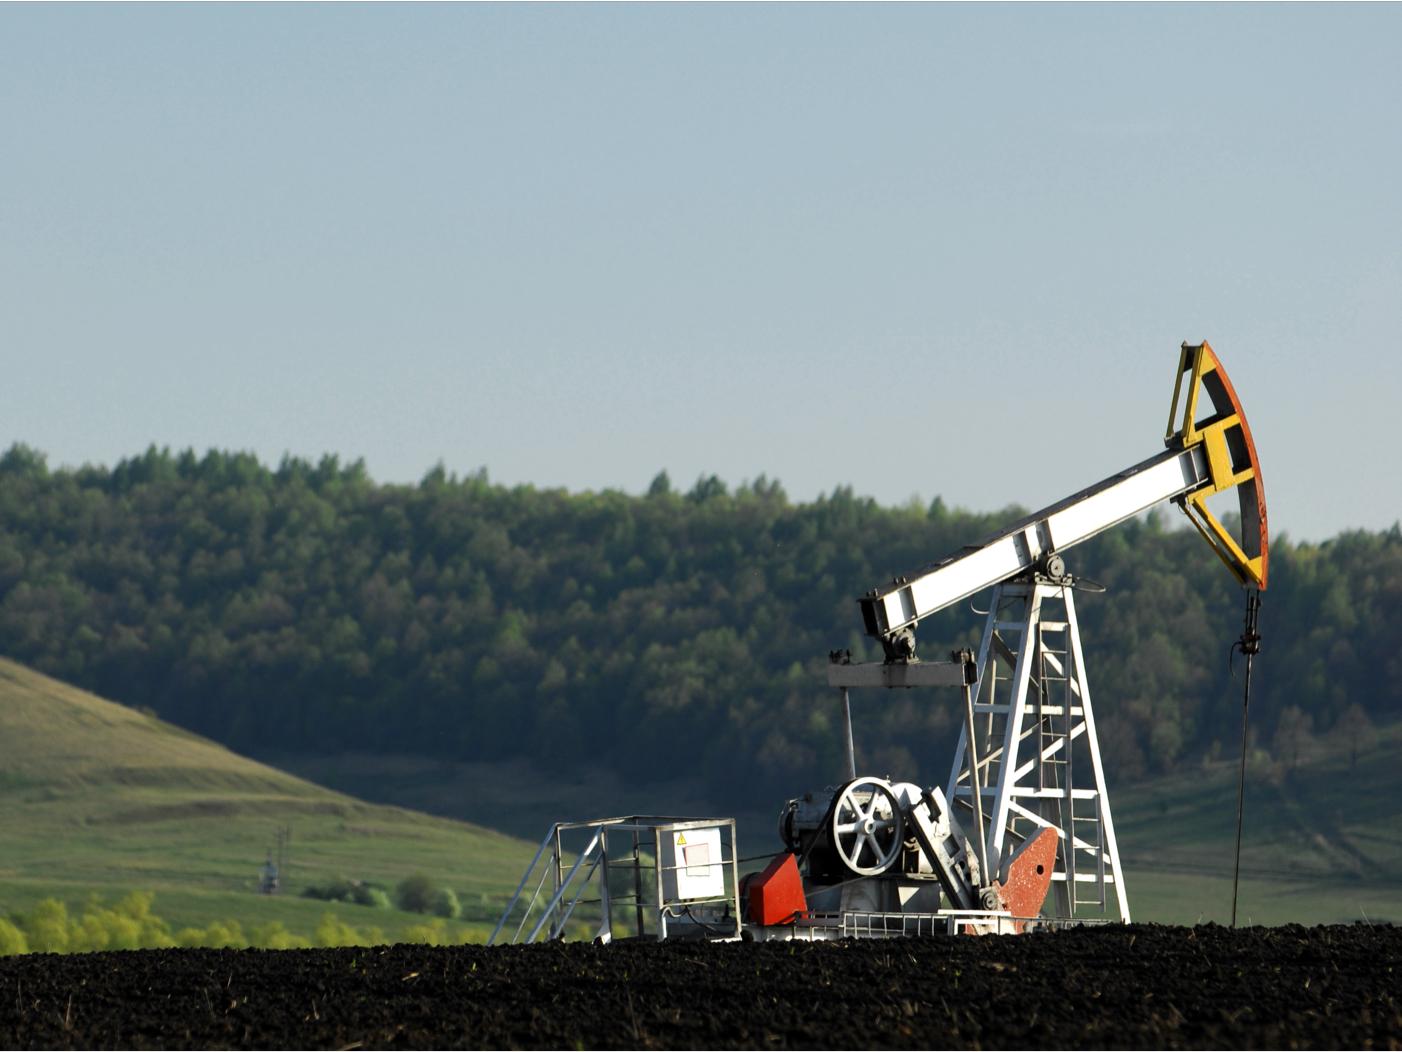 A medium shot of an oil pump jack